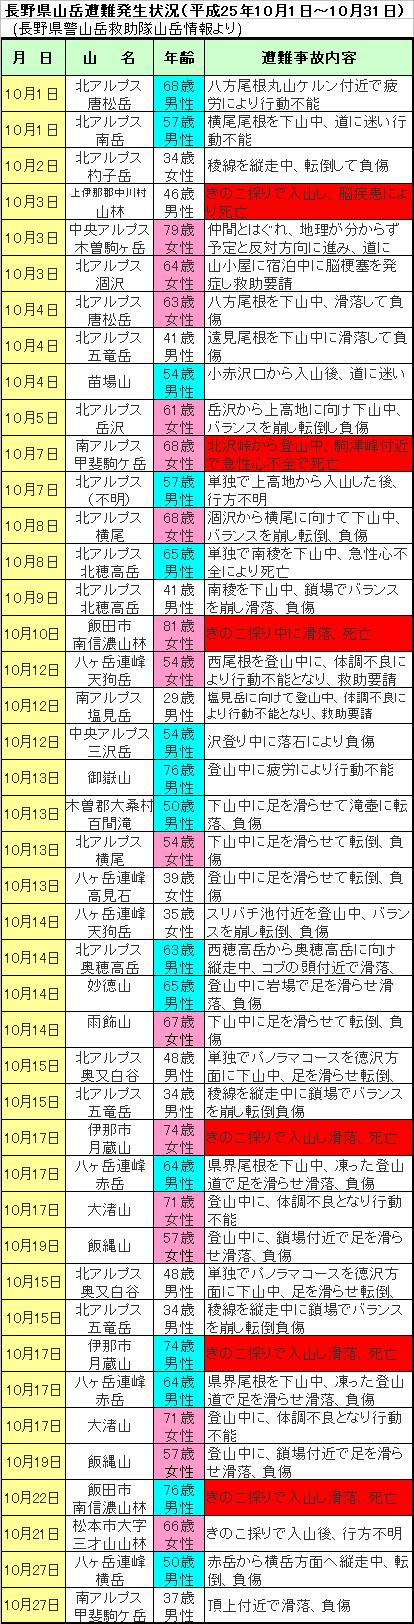 長野県山岳遭難発生状況(平成25年10月1日~10月31日)